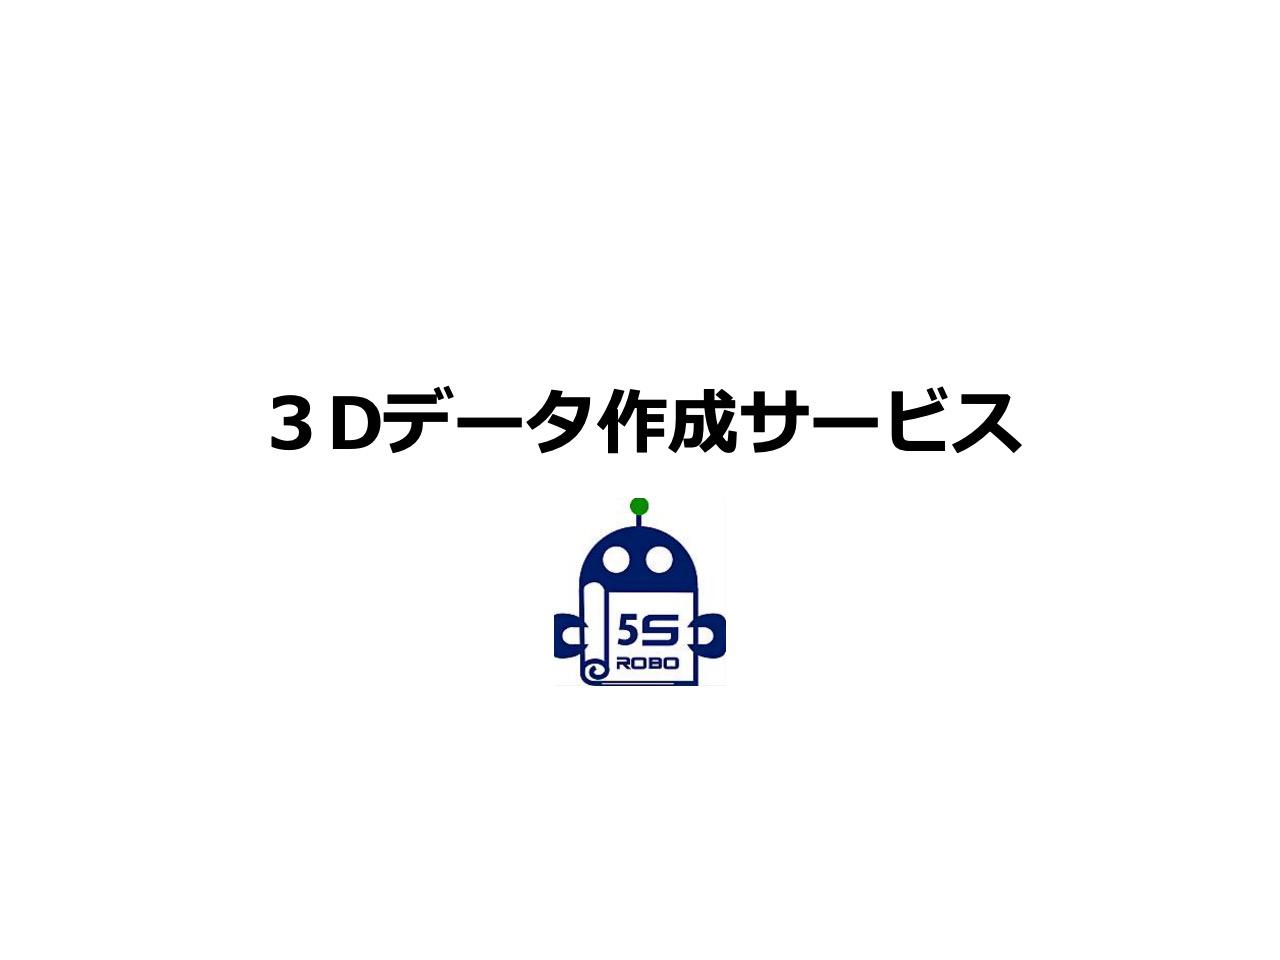 10-3Dデータ作成サービス20200507